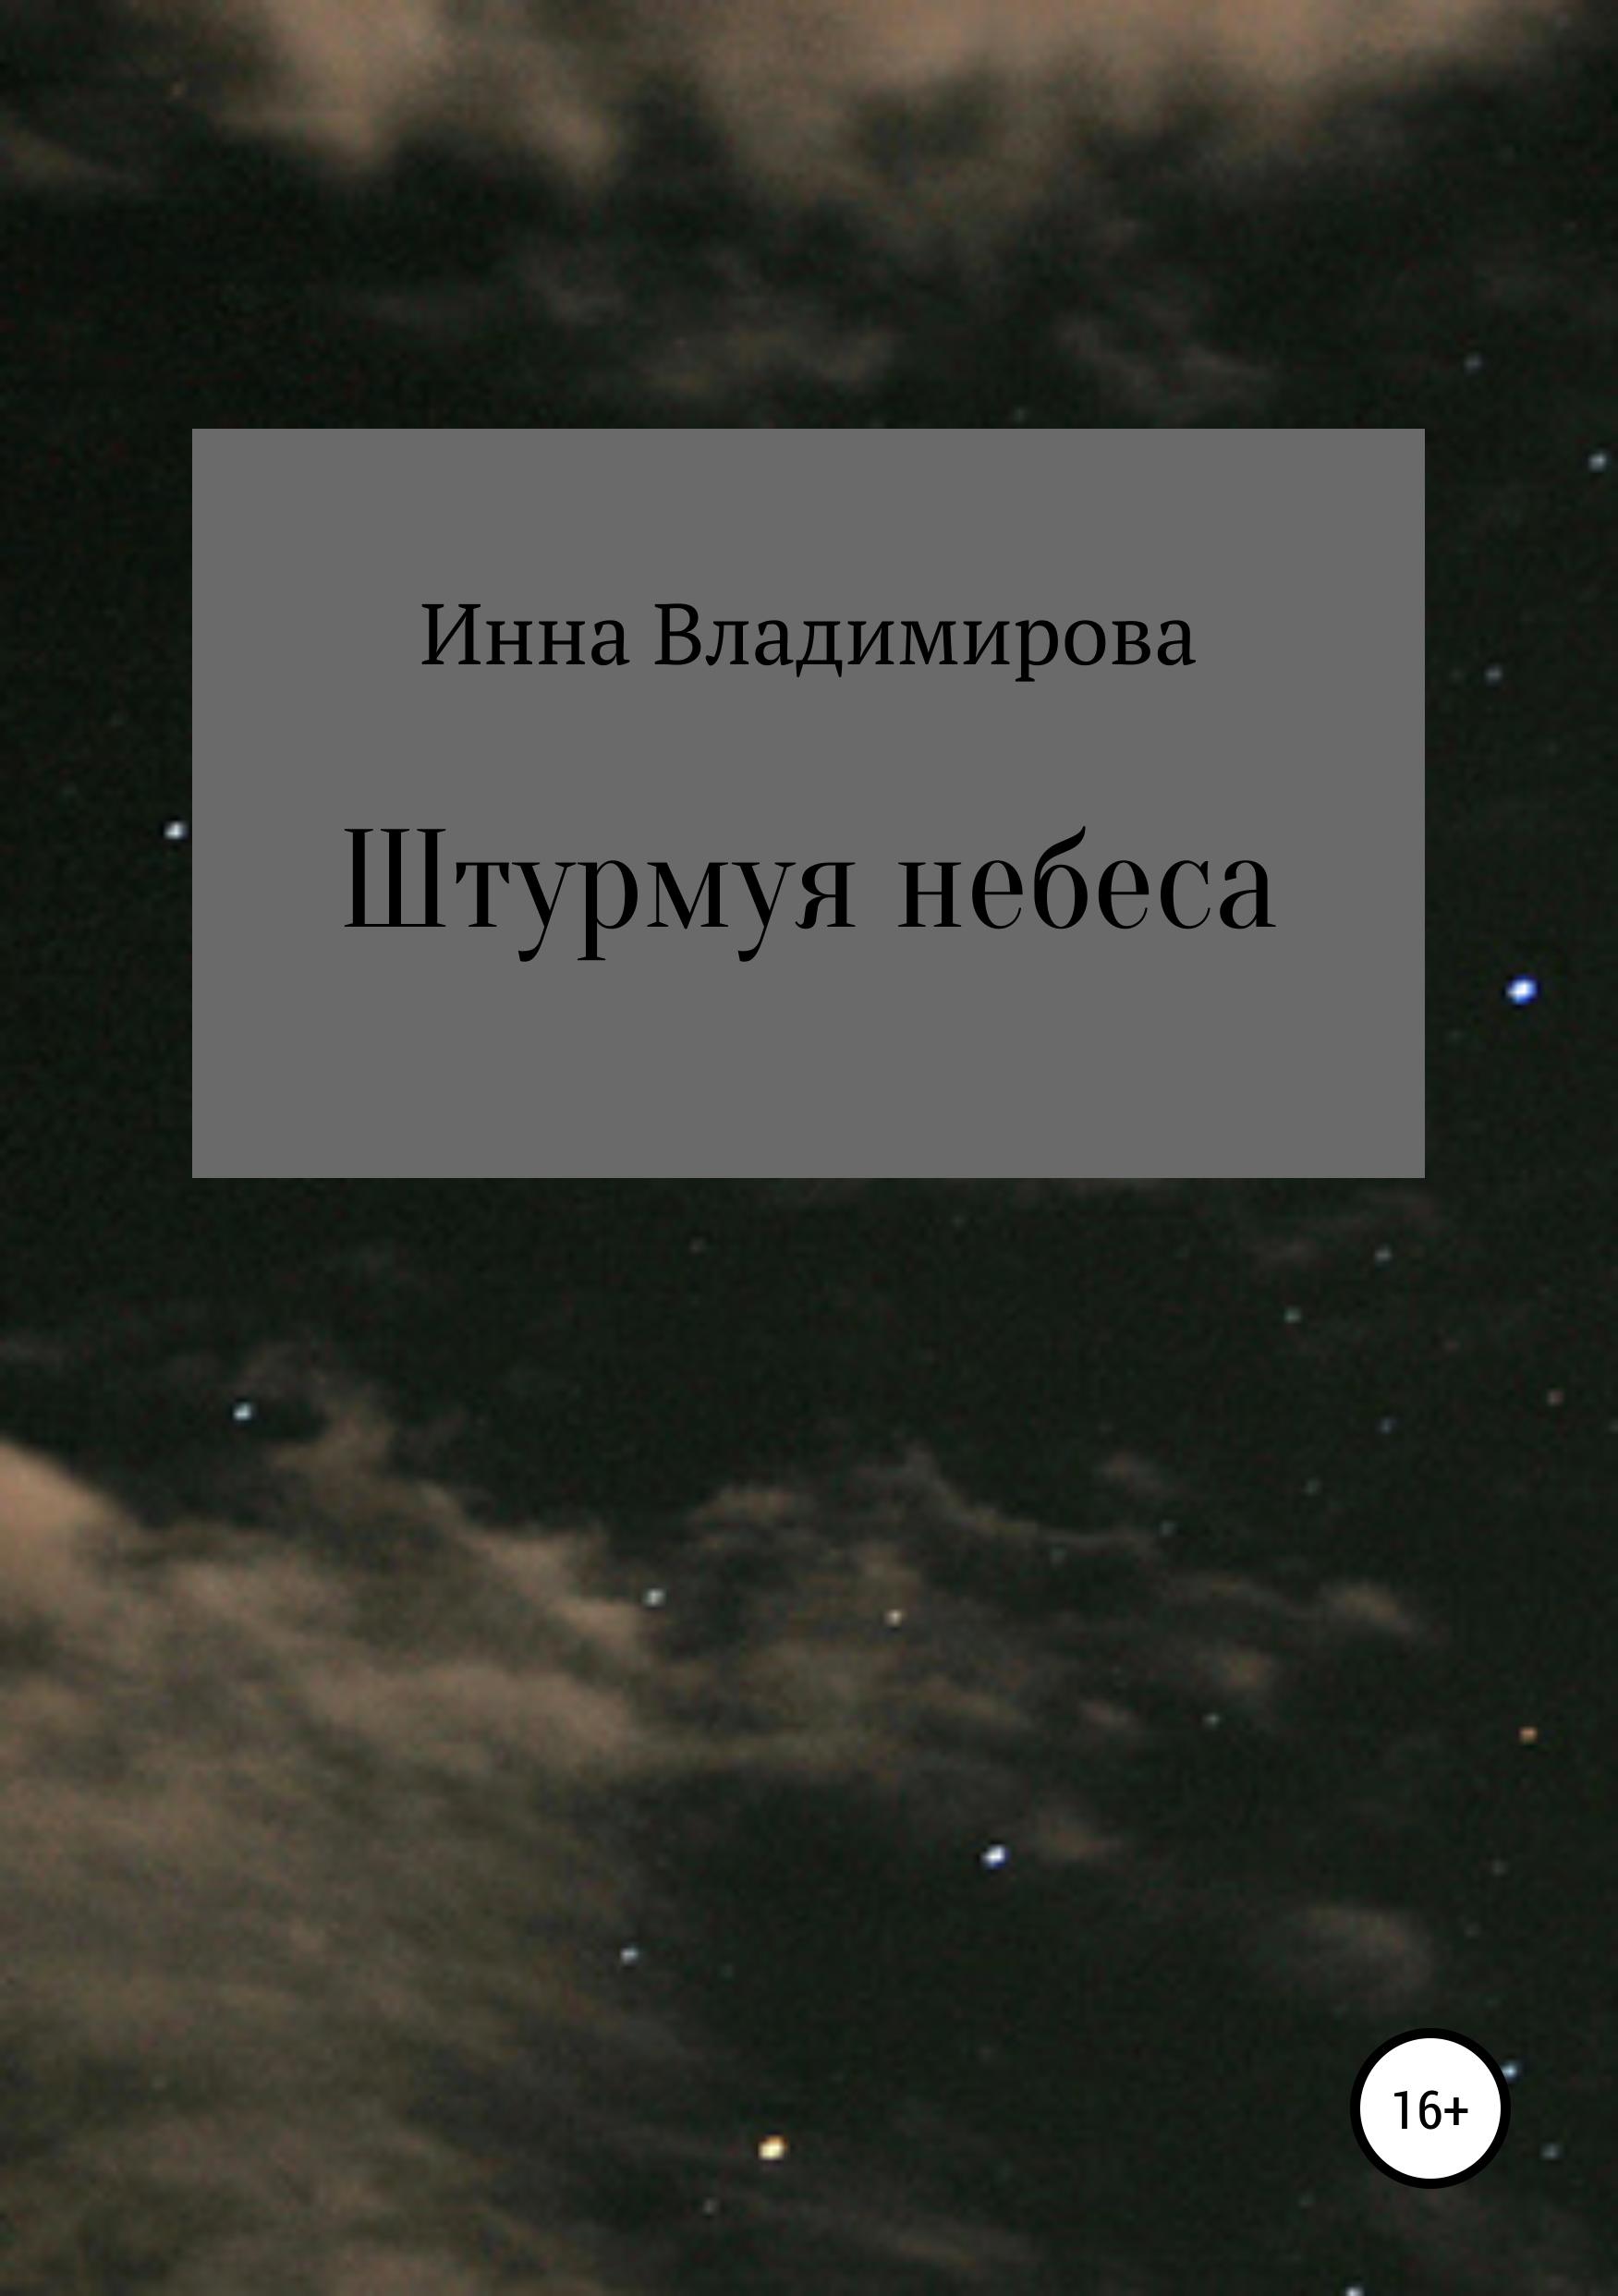 Инна Владимировна Белозерова Штурмуя небеса екатерина владимировна костина он она и пять кошек